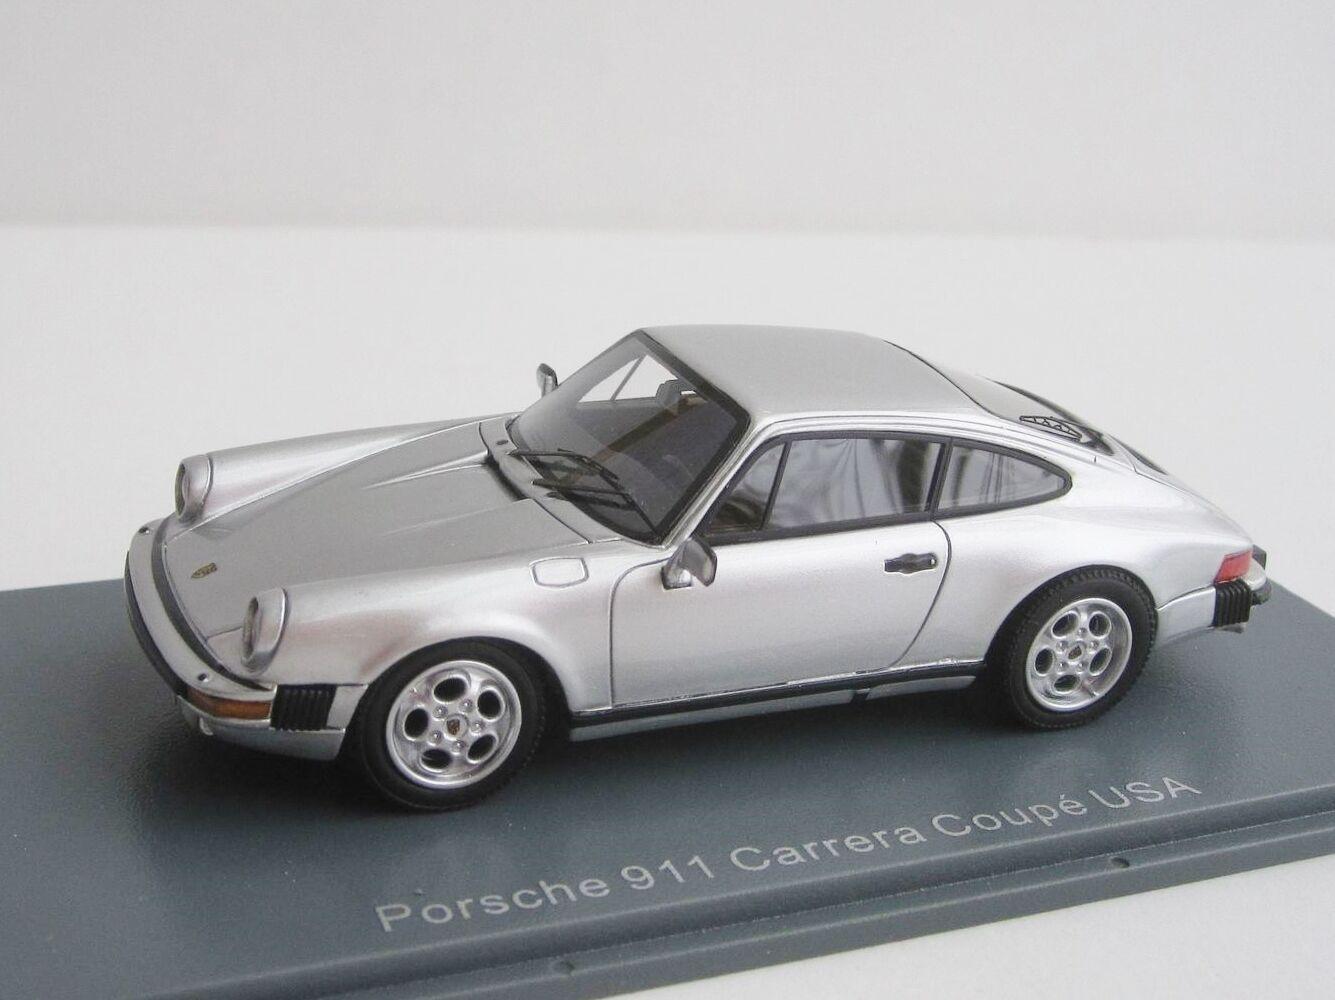 Porsche 911 Carrera Coupé 1985 930 1 43 Neoscale Models Neo 43242 de Turbo